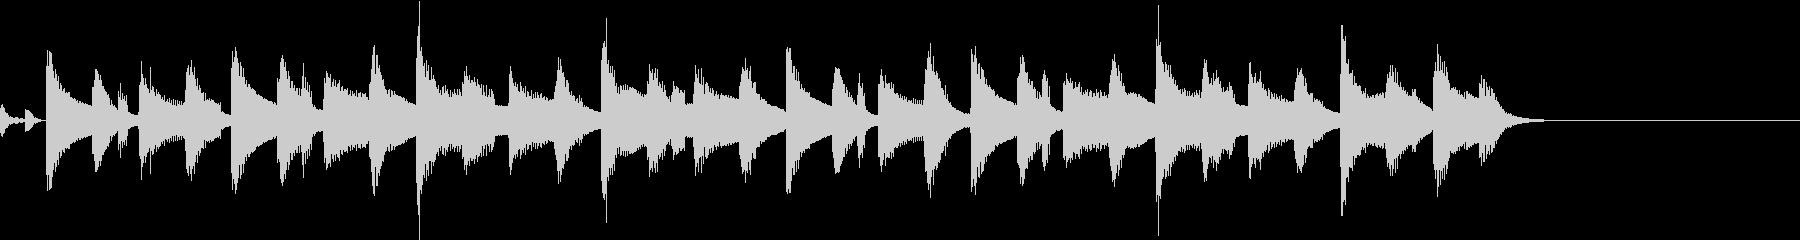 ほのぼの やさしい 日常 ジングル1の未再生の波形